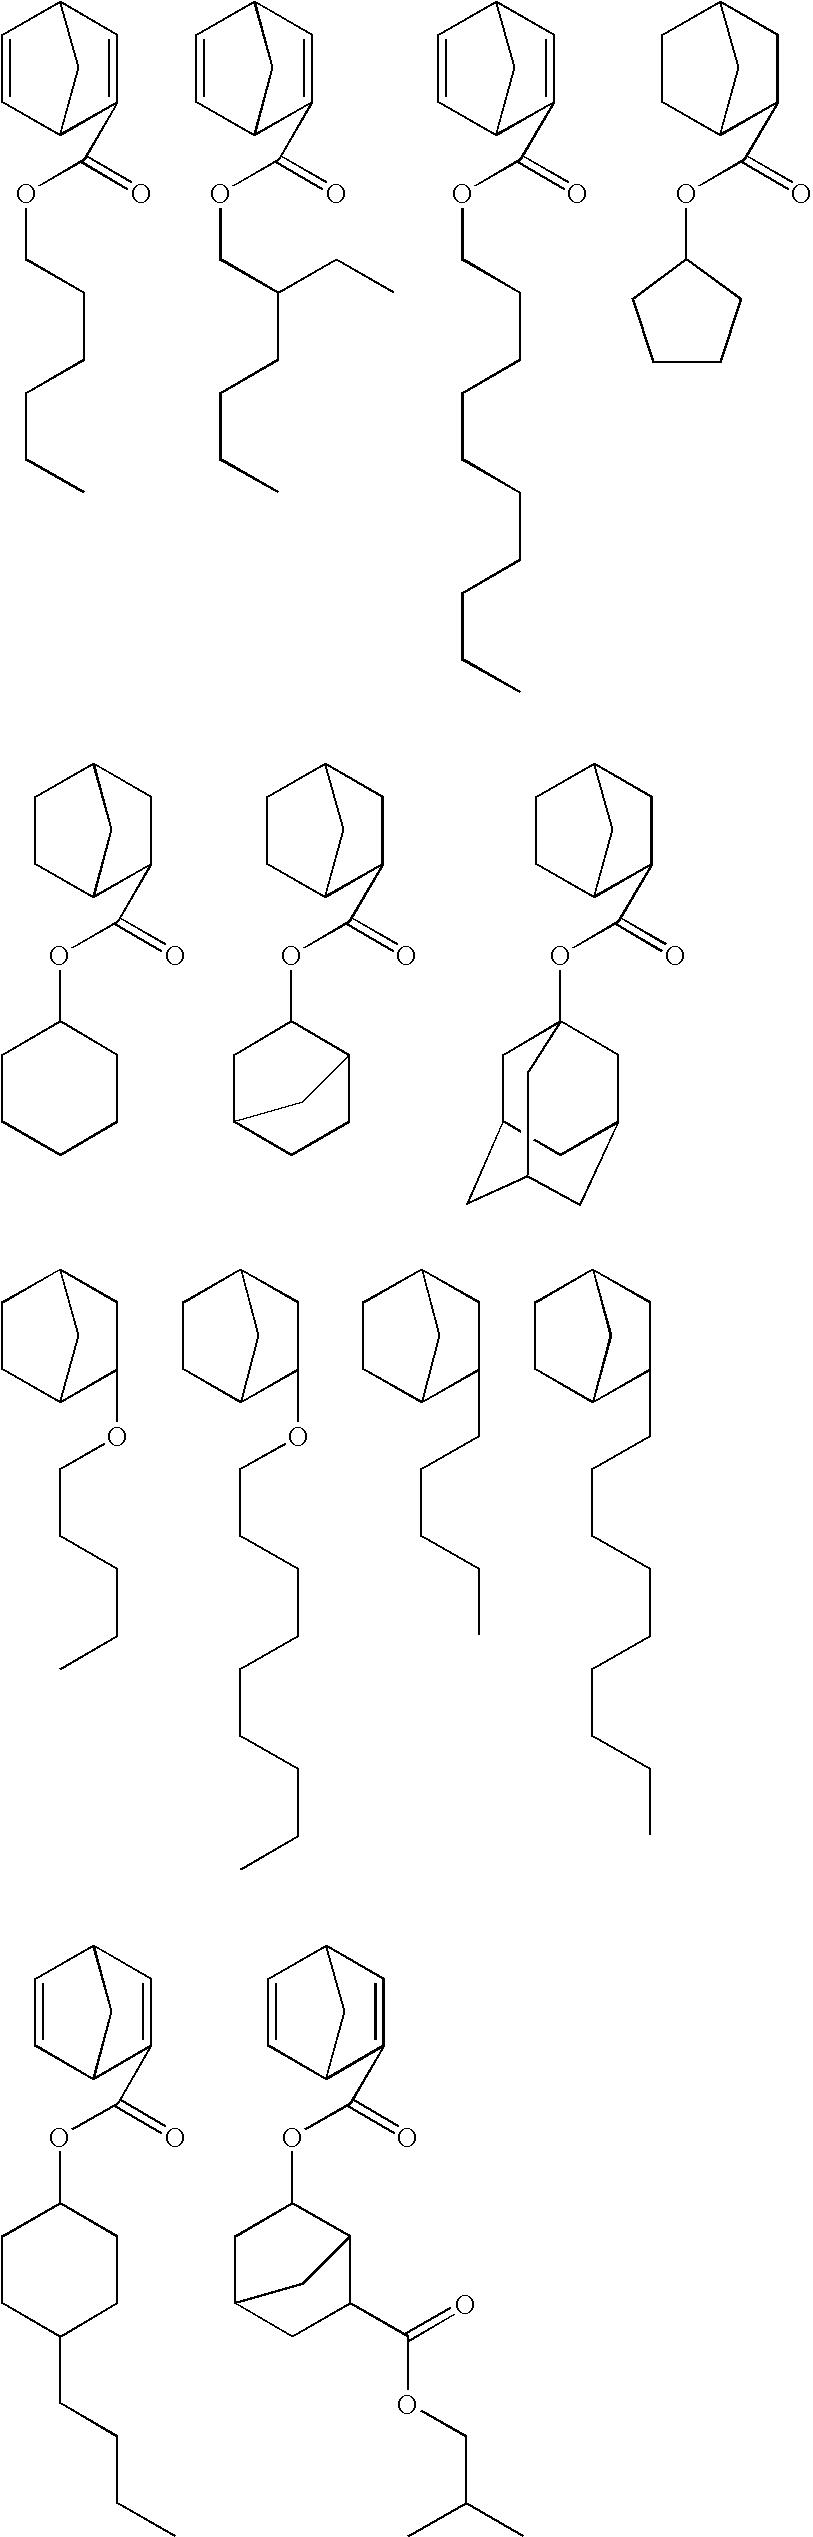 Figure US20090011365A1-20090108-C00100